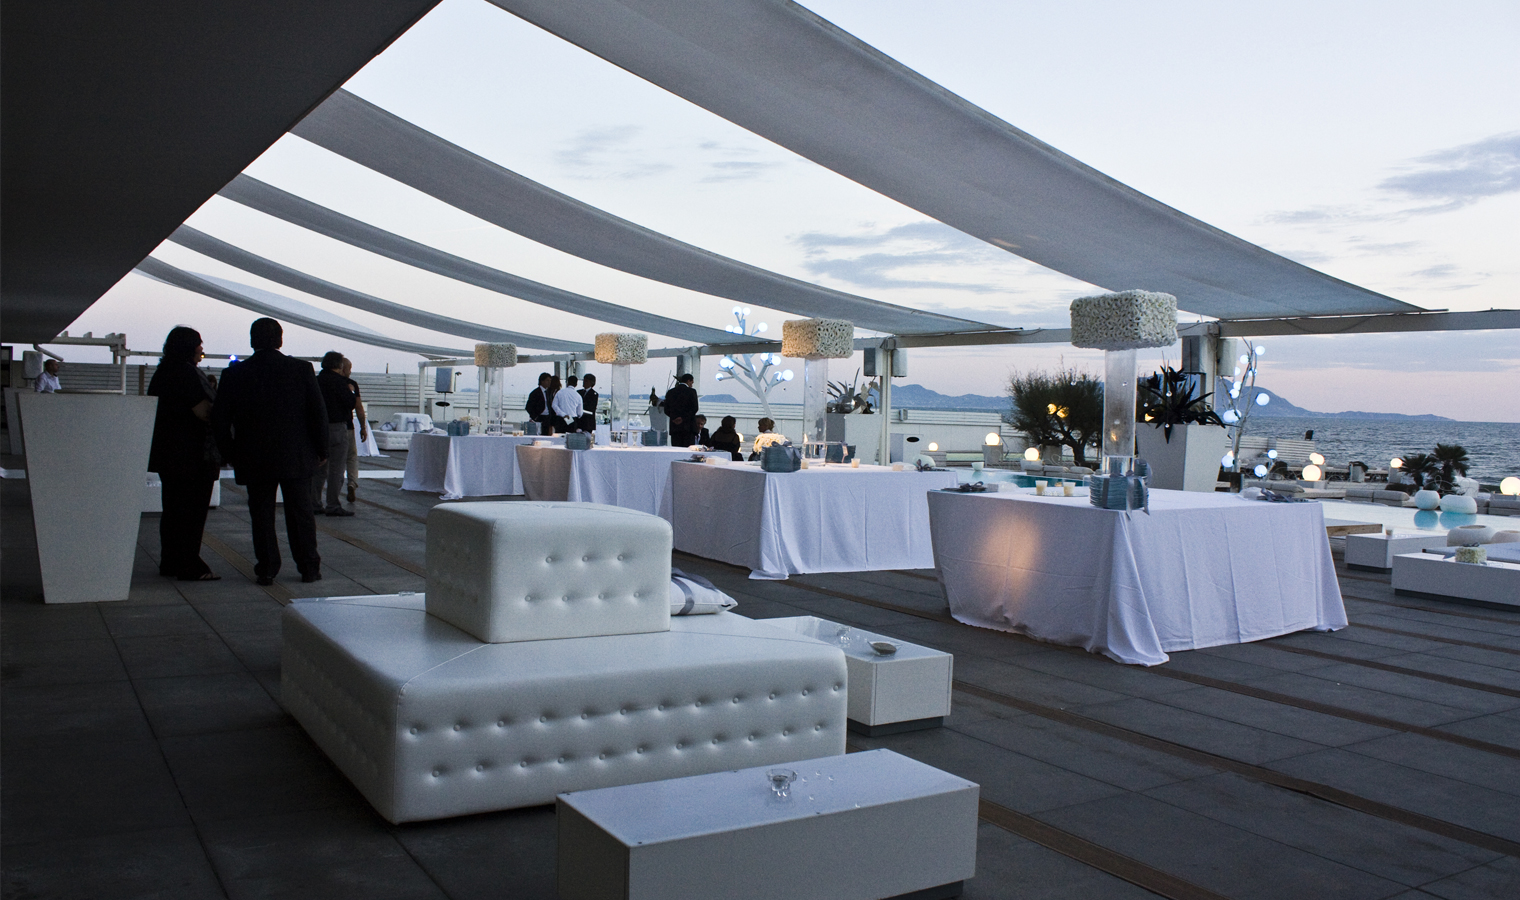 Matrimonio In Spiaggia Napoli : Wedding co cosa indossare per un matrimonio in spiaggia